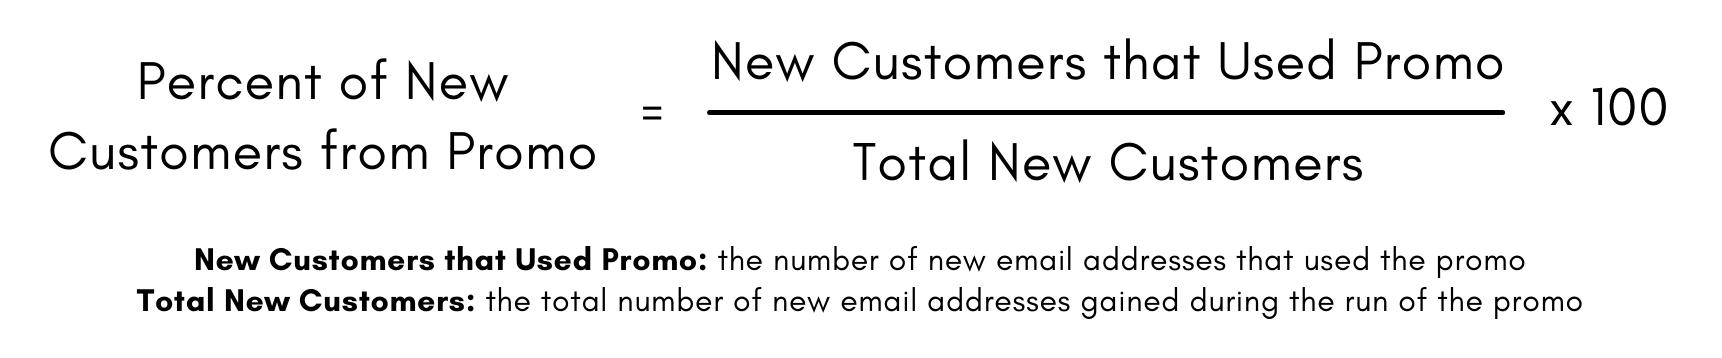 Formule pour le pourcentage de nouveaux clients d'une promotion: nombre de nouvelles adresses e-mail utilisées pour la promotion divisé par le nombre total de nouvelles adresses e-mail dans la période de promotion, multiplié par 100.